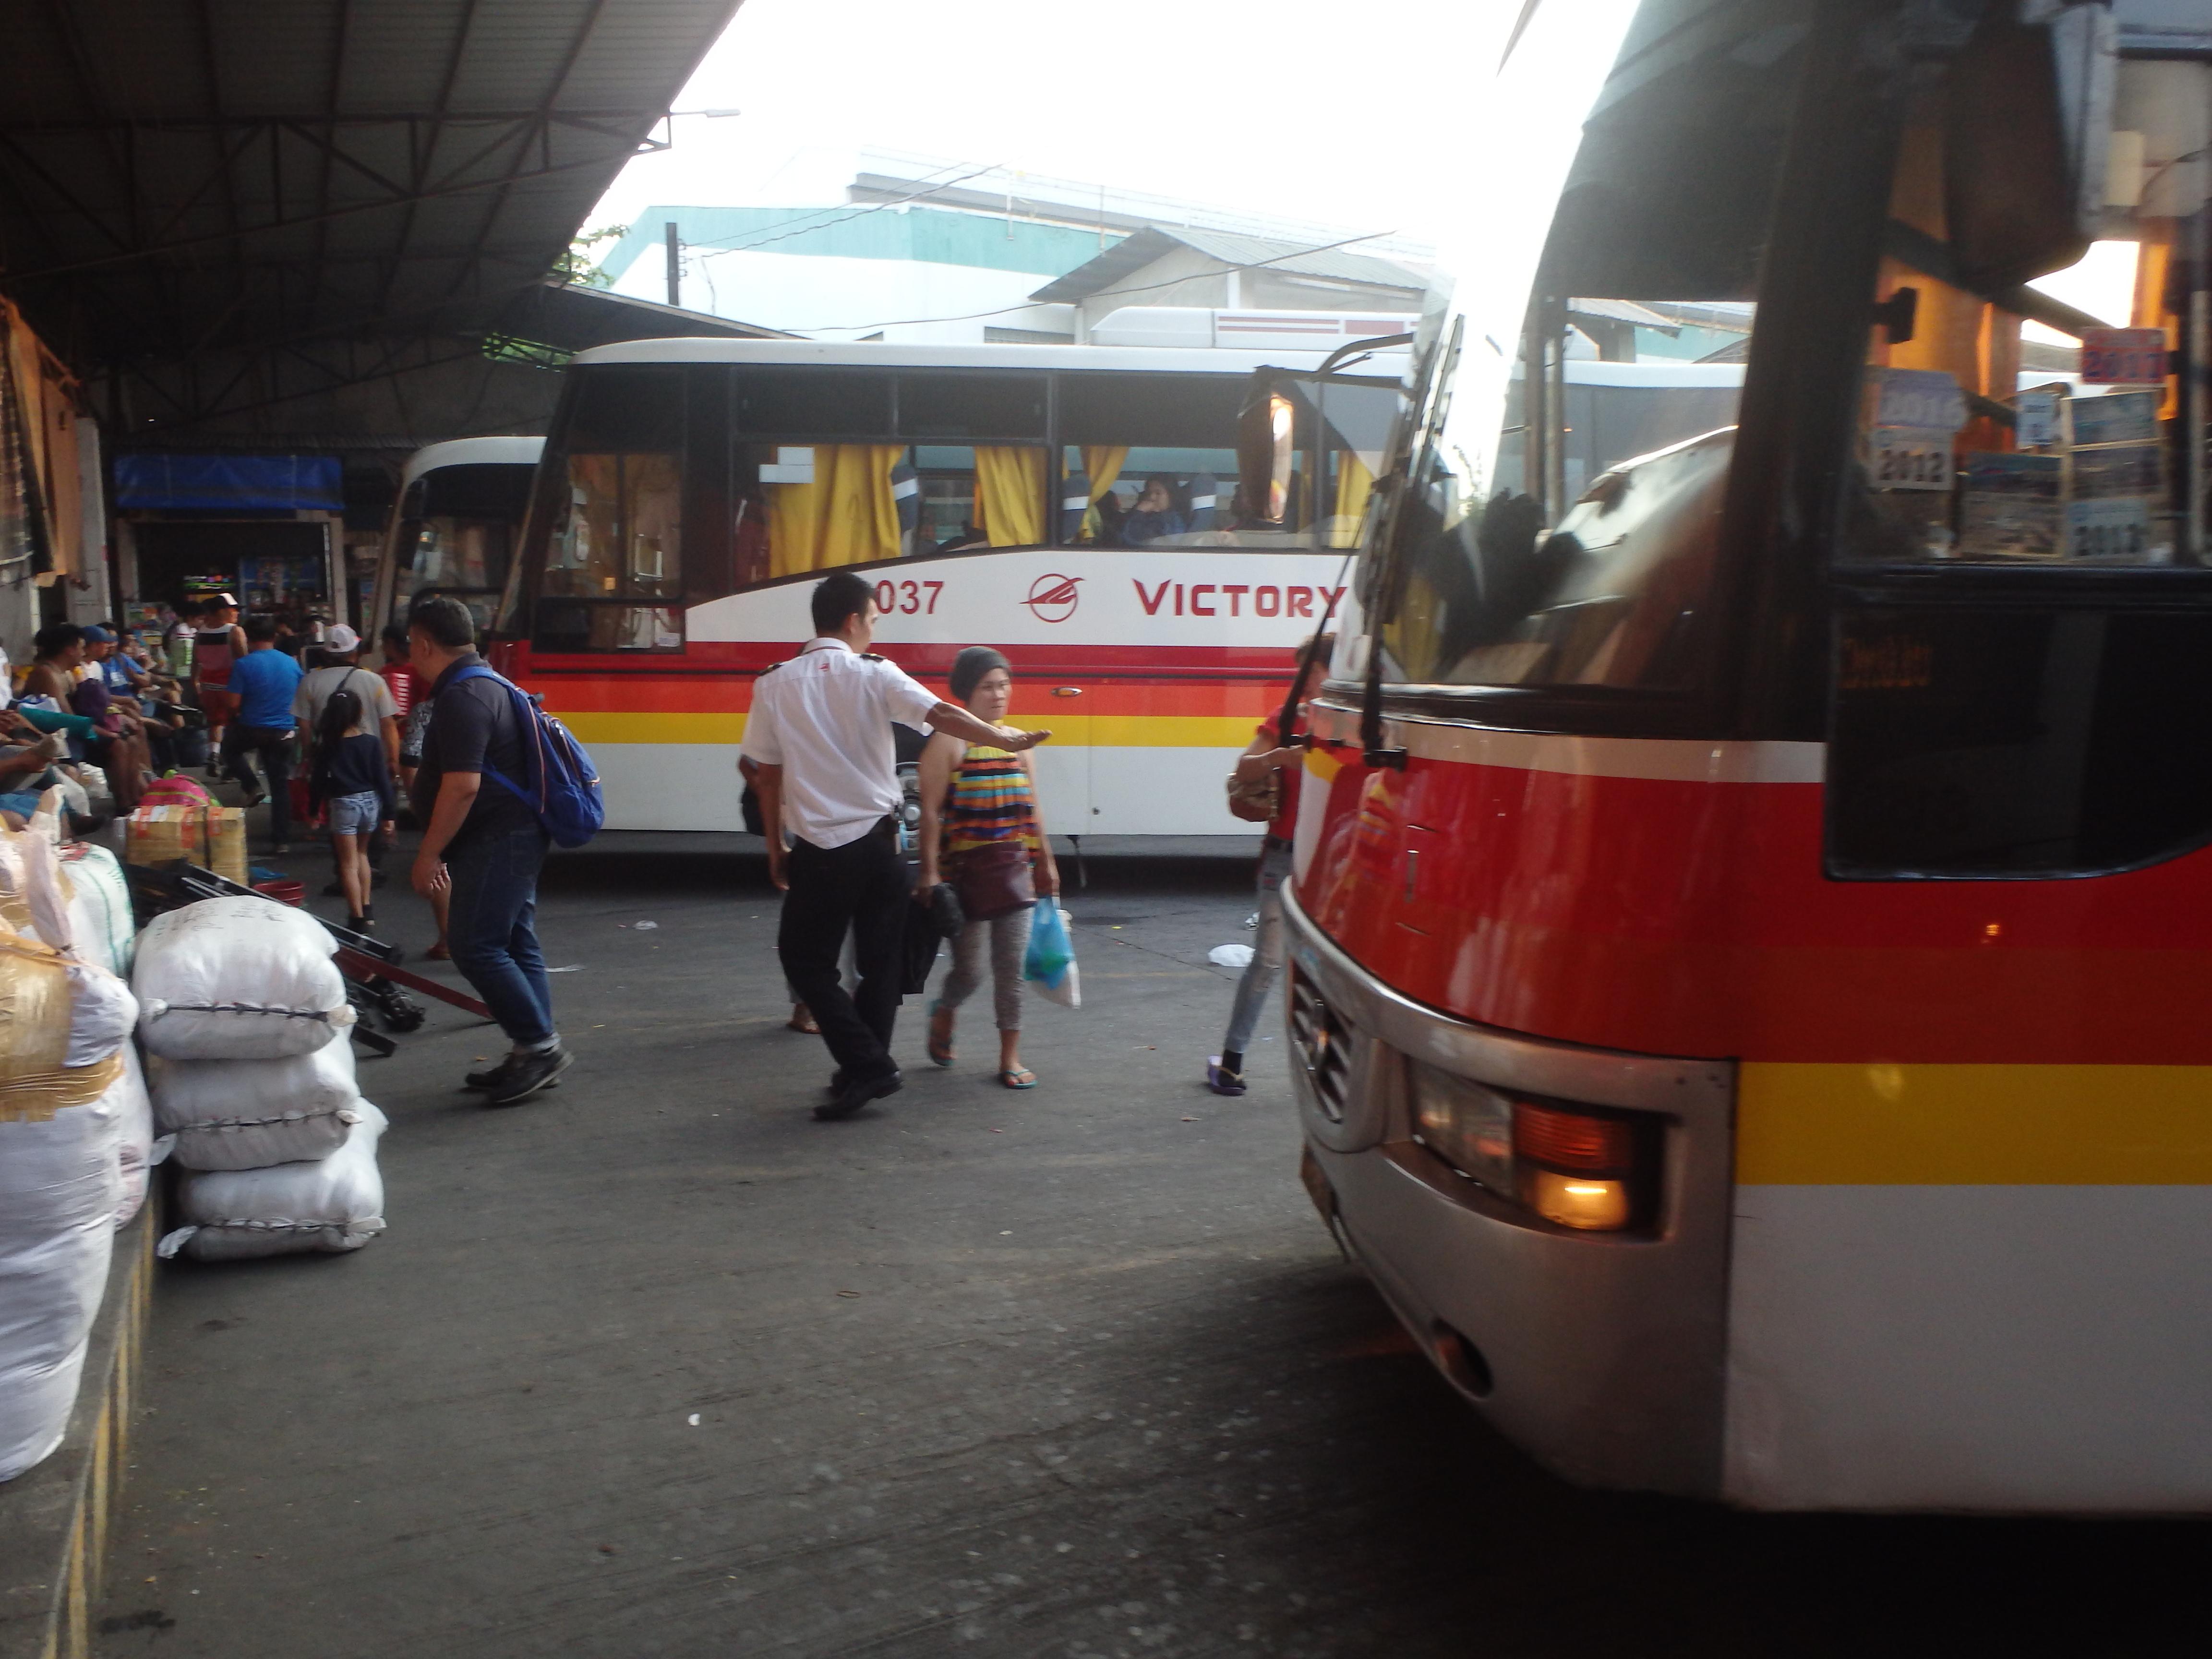 時系列報告:アンヘルスのDAUからバギオまでのバス移動プロセス